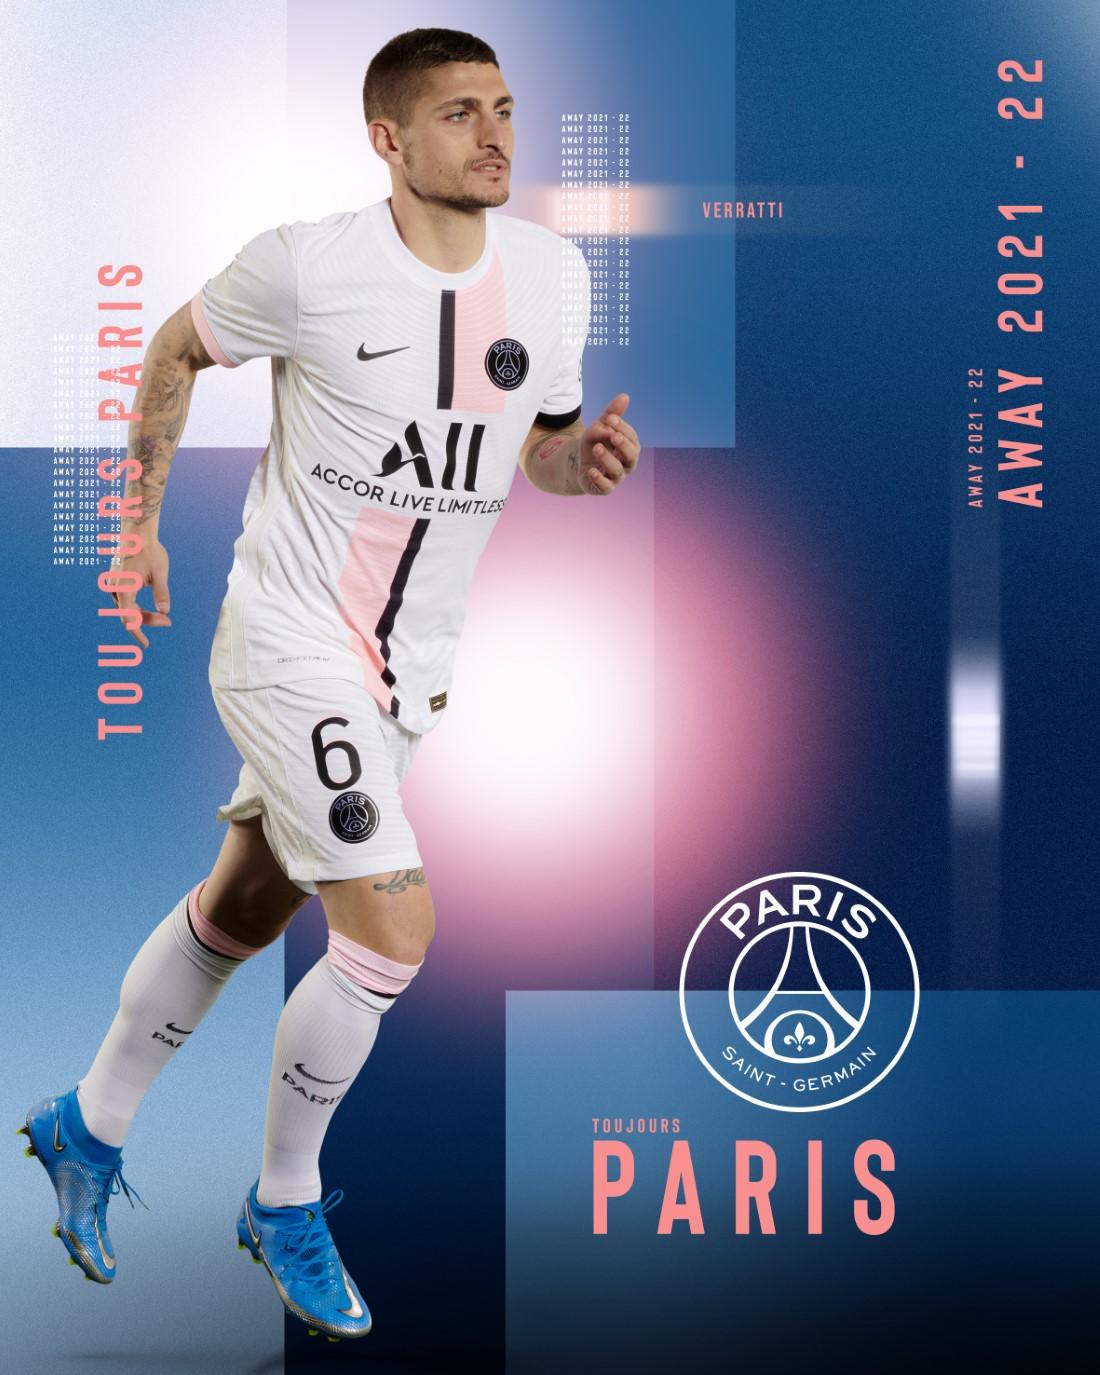 Paris Saint-Germain Maillot Extérieur 2021-22 - Verratti